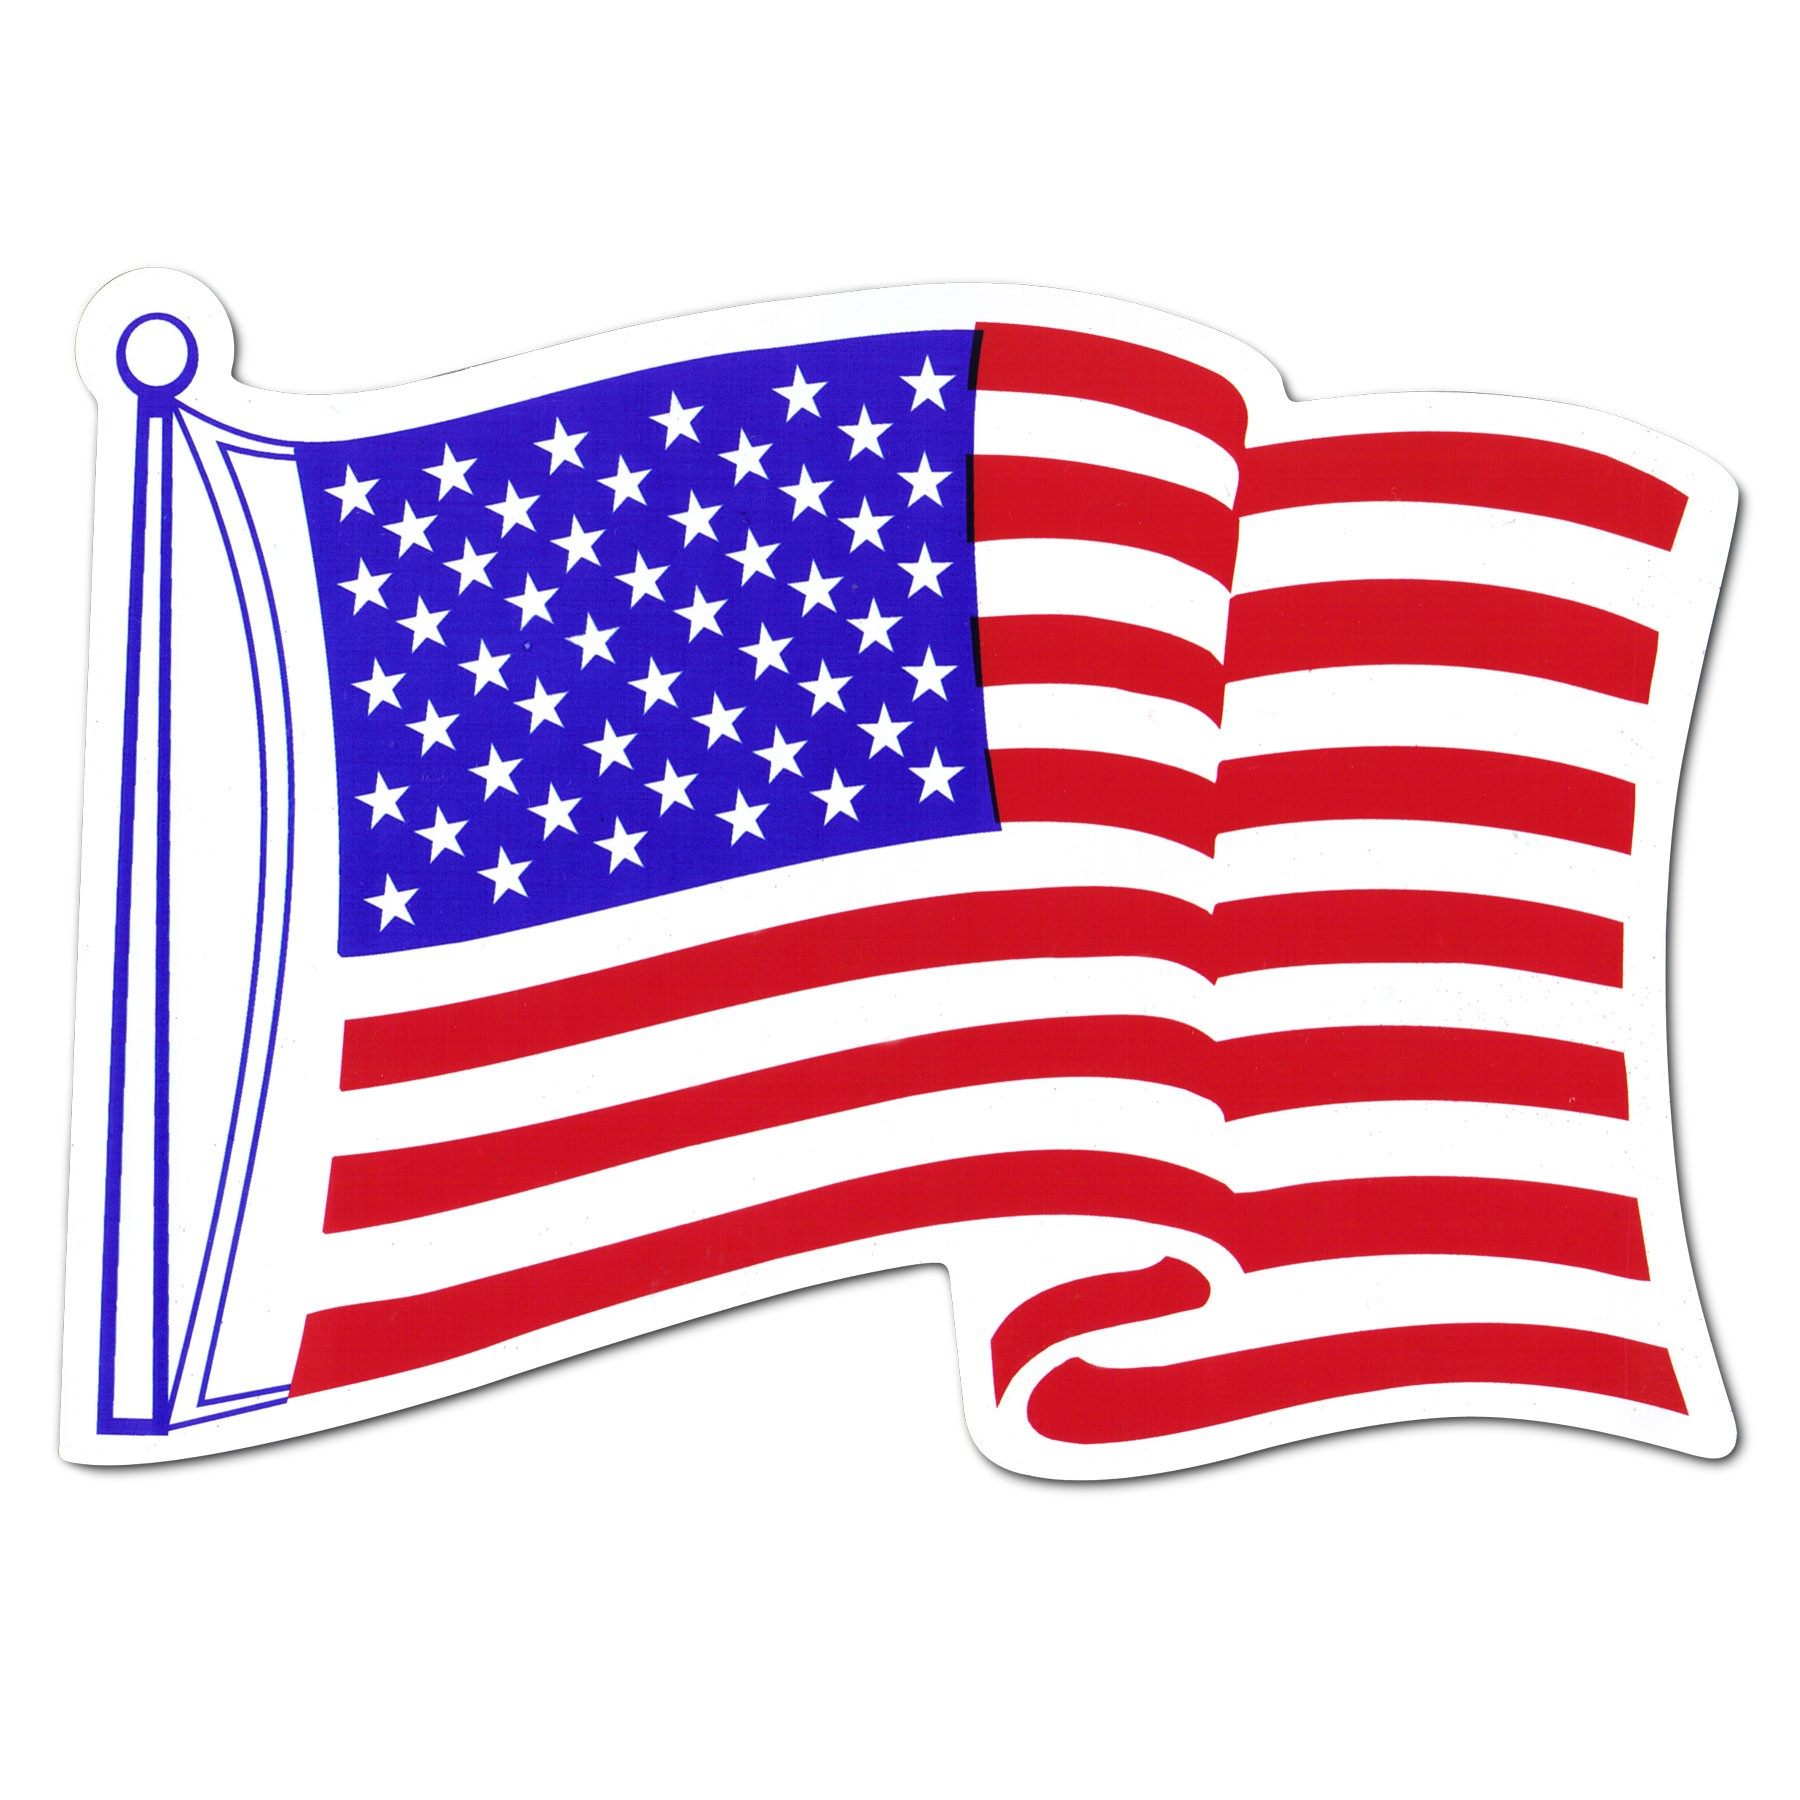 Flying Flag Clipart.